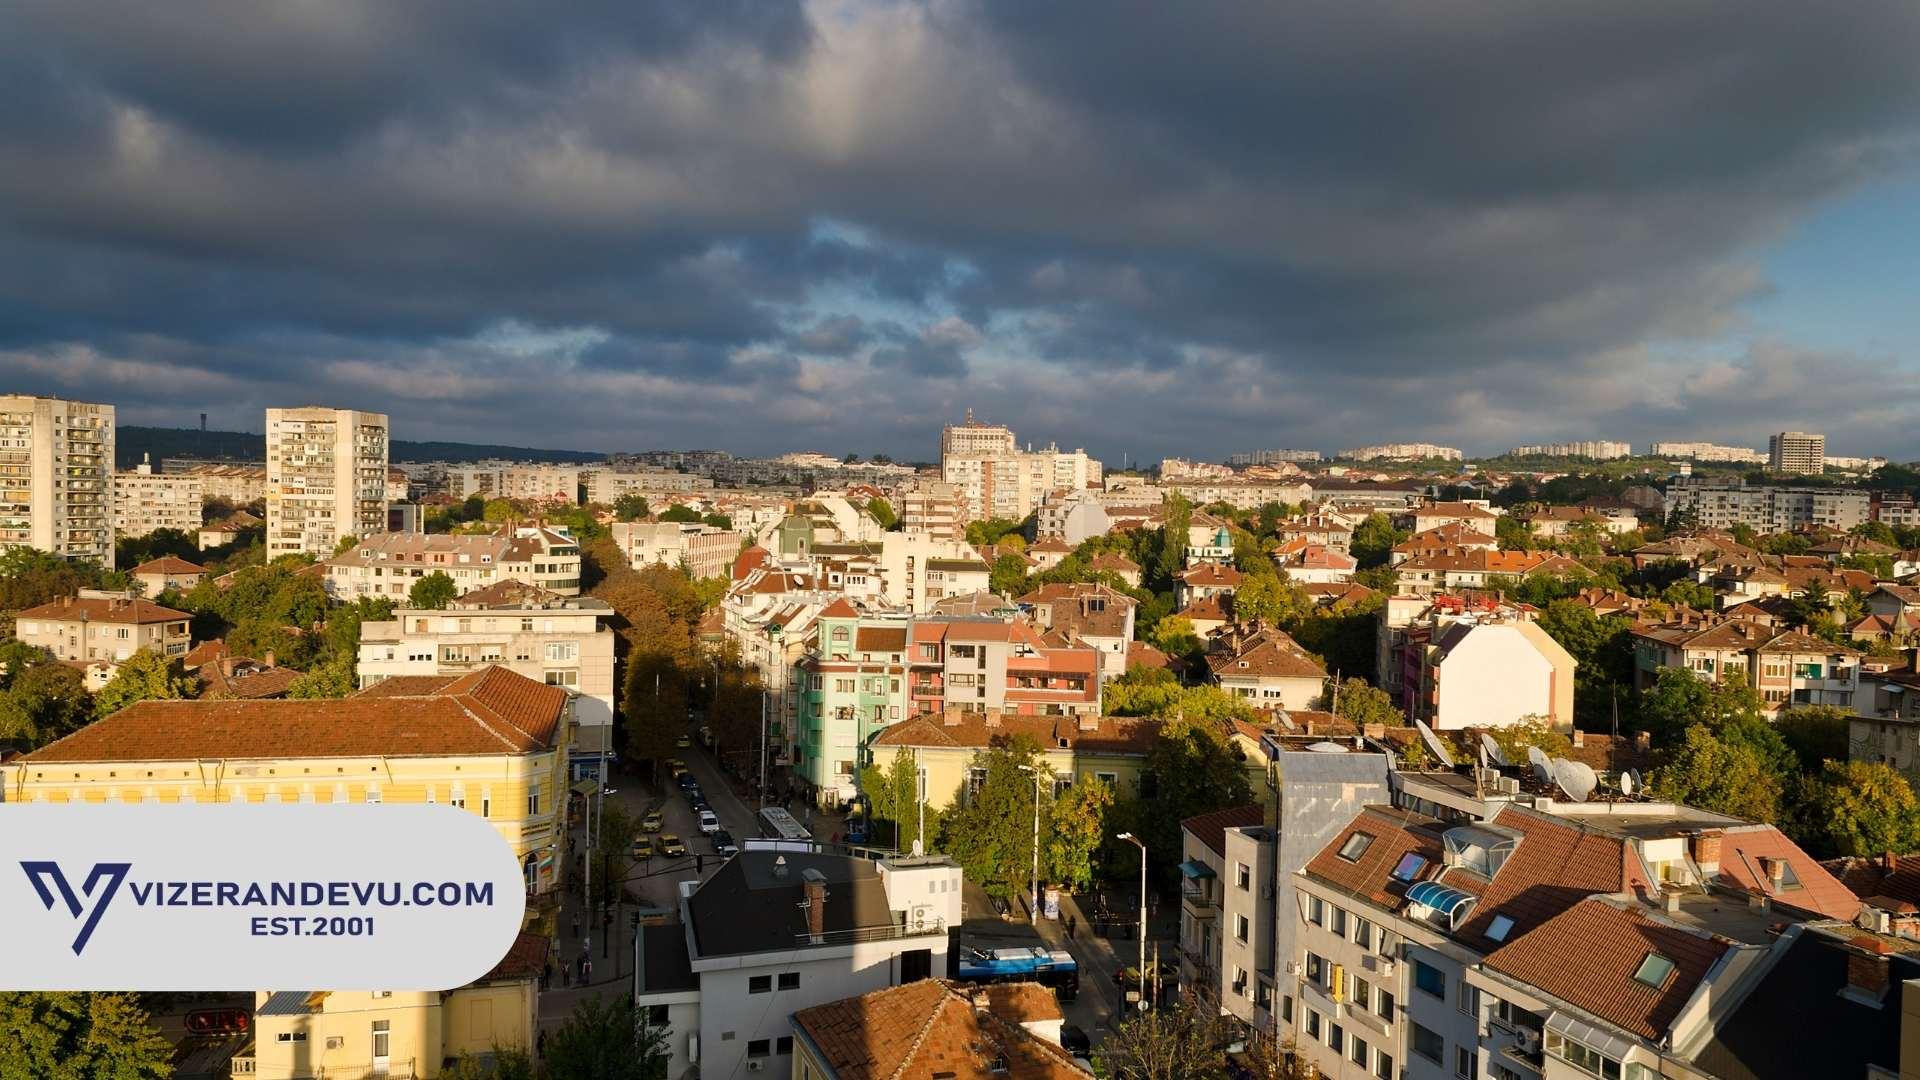 Bulgaristan Vizesi Geçerlilik Süresi